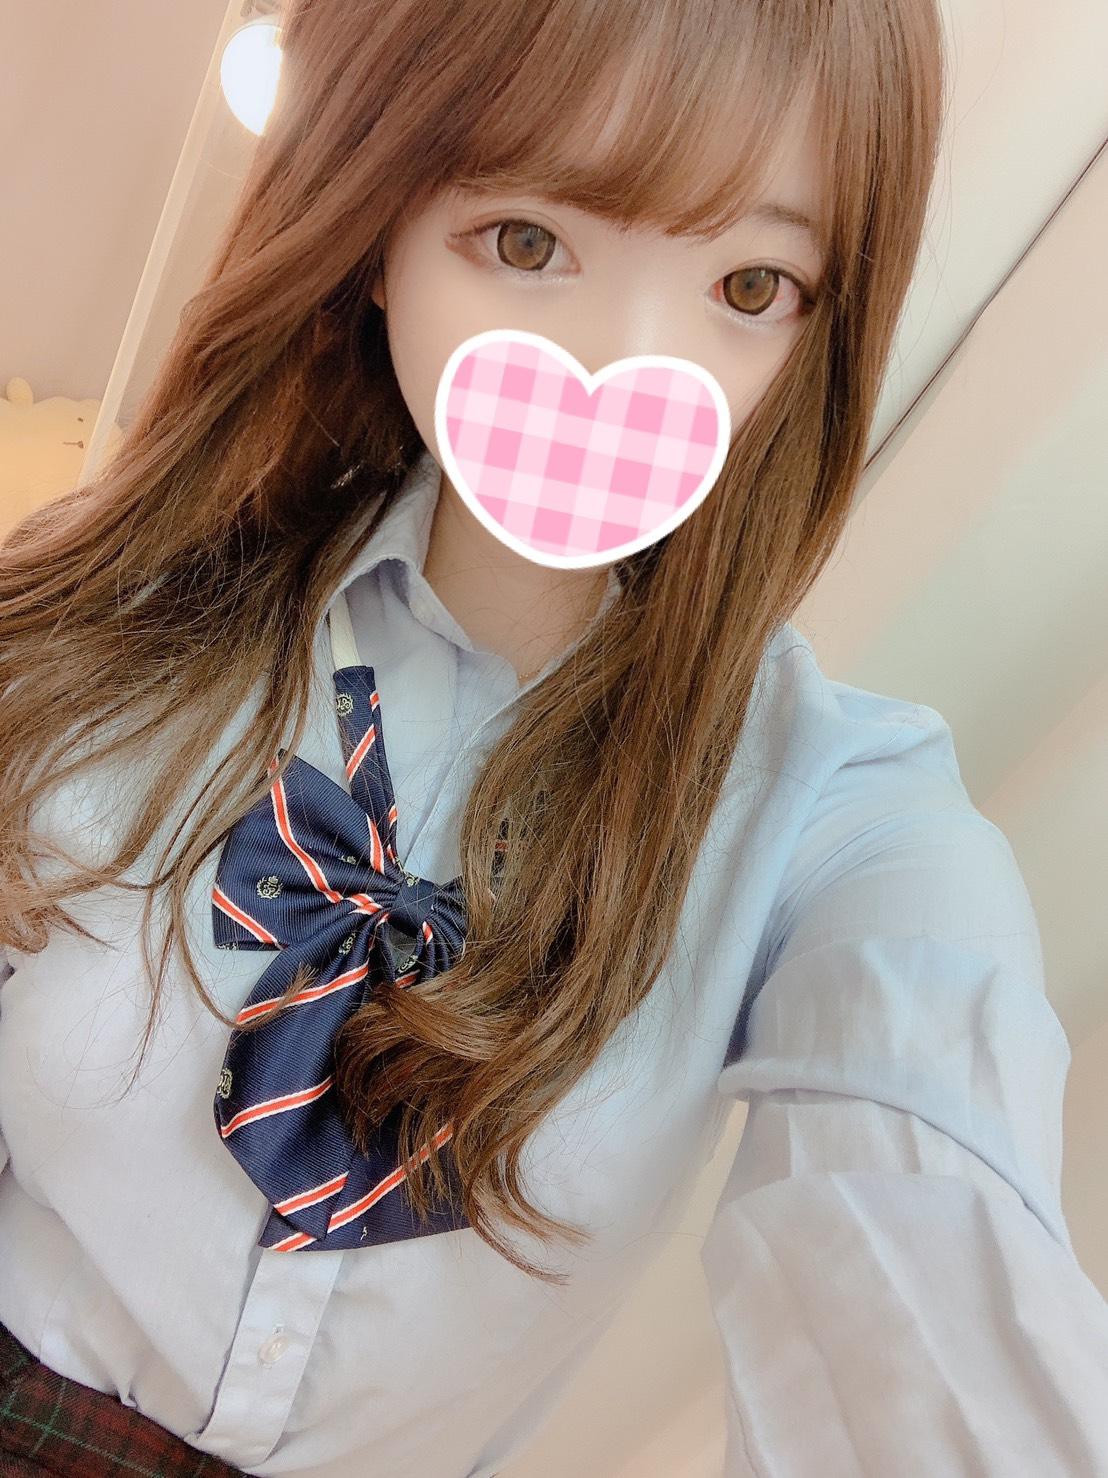 1/16本入店初日 ほたる(JK中退年齢)